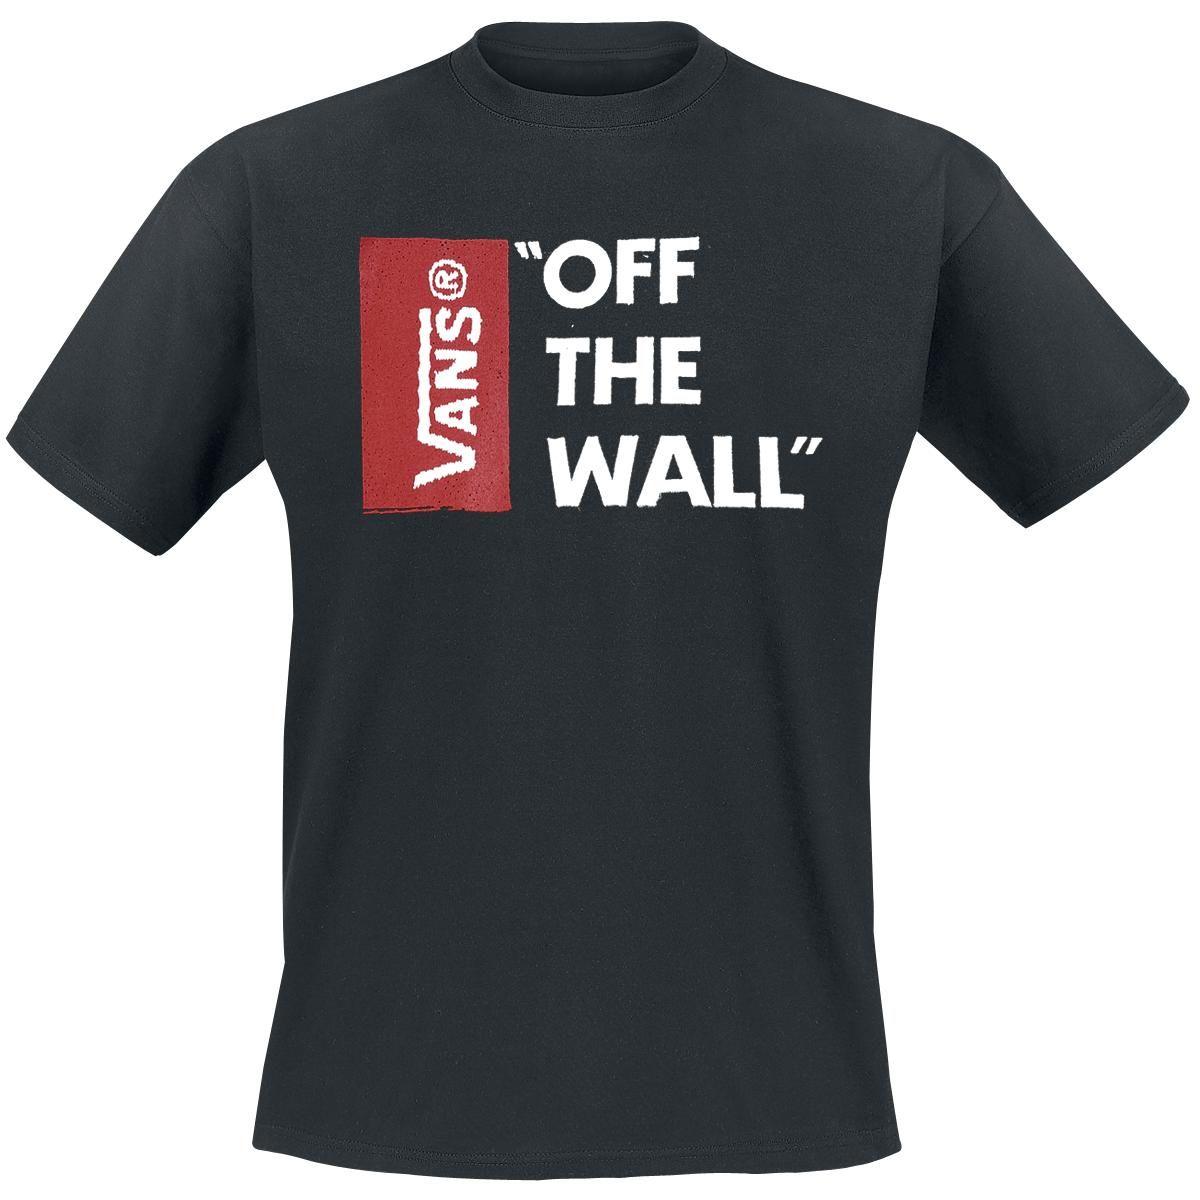 Vansin pelkistetyn tyylikäs T-paita. Yksinkertainen on kaunista!